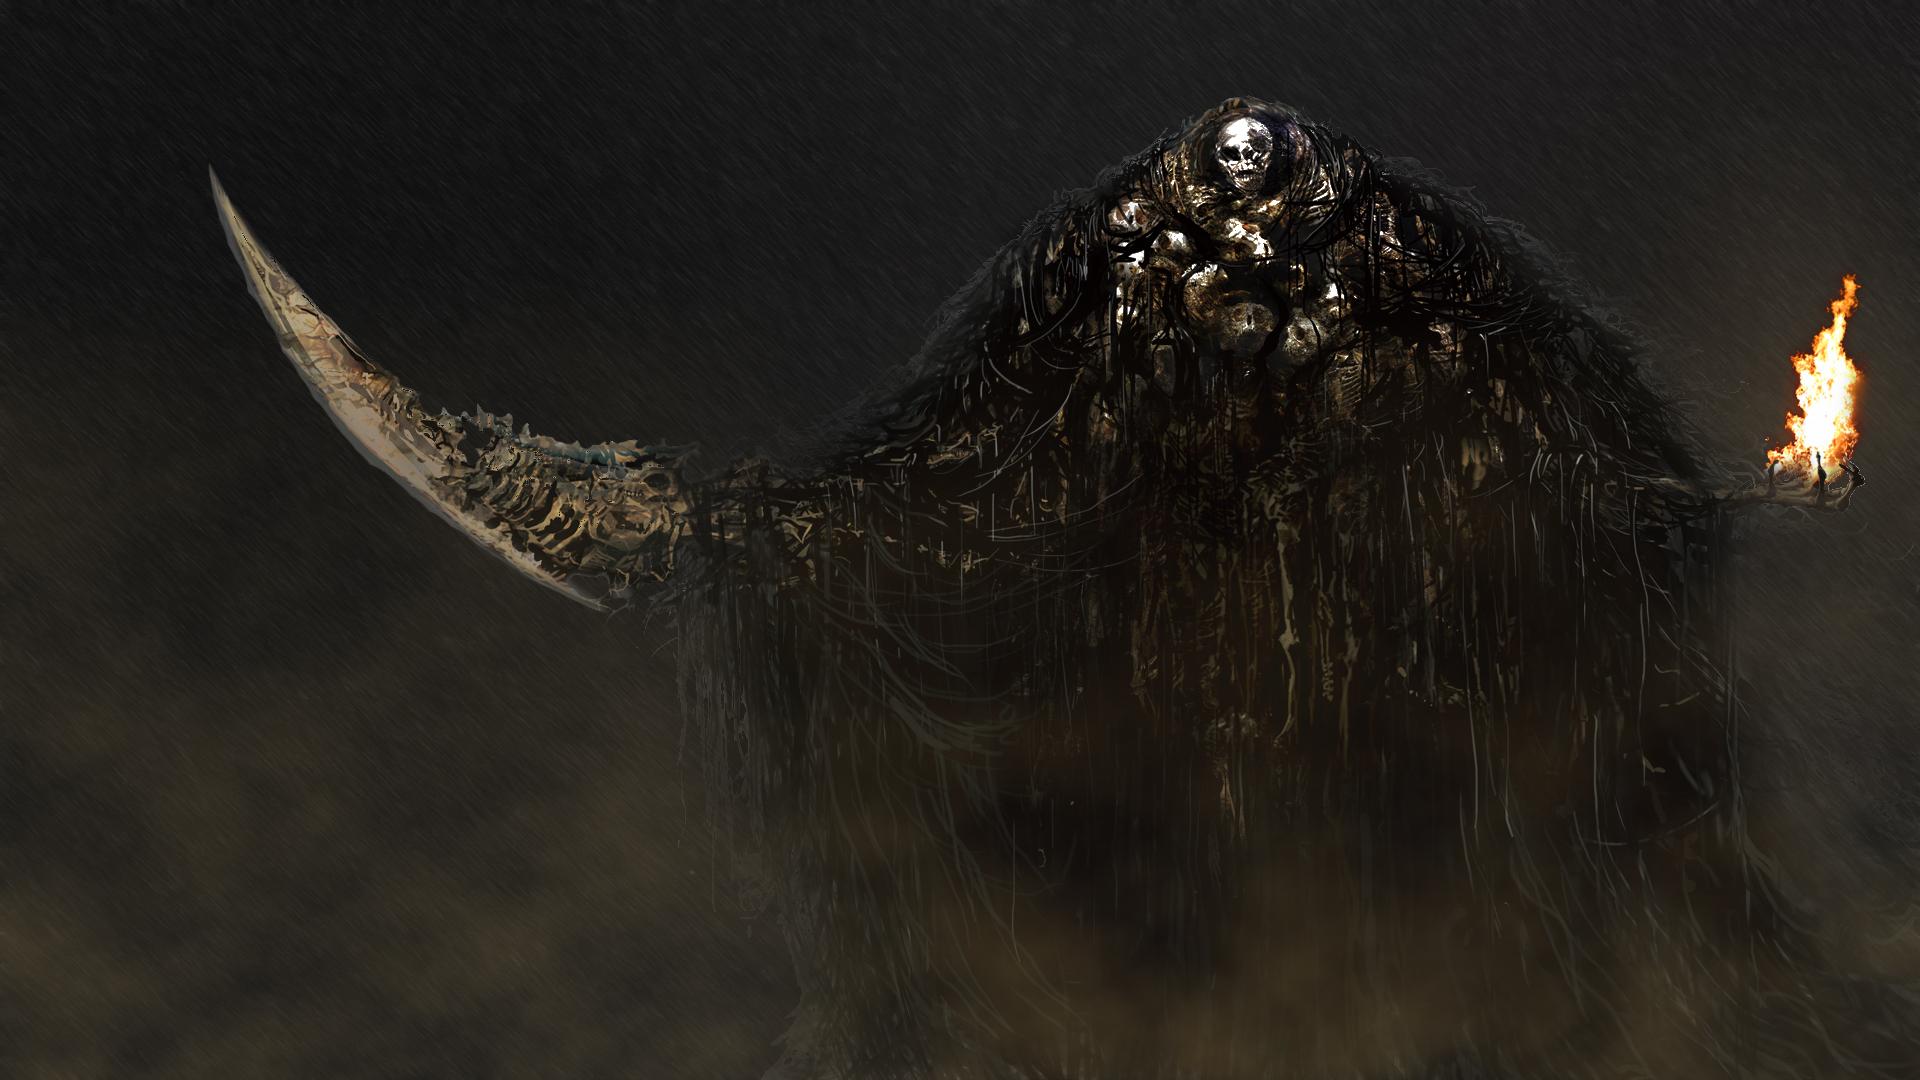 La voz de la muerte [campaña] - Página 3 Gravelord_nito_by_manbearpagan-d6c7g75